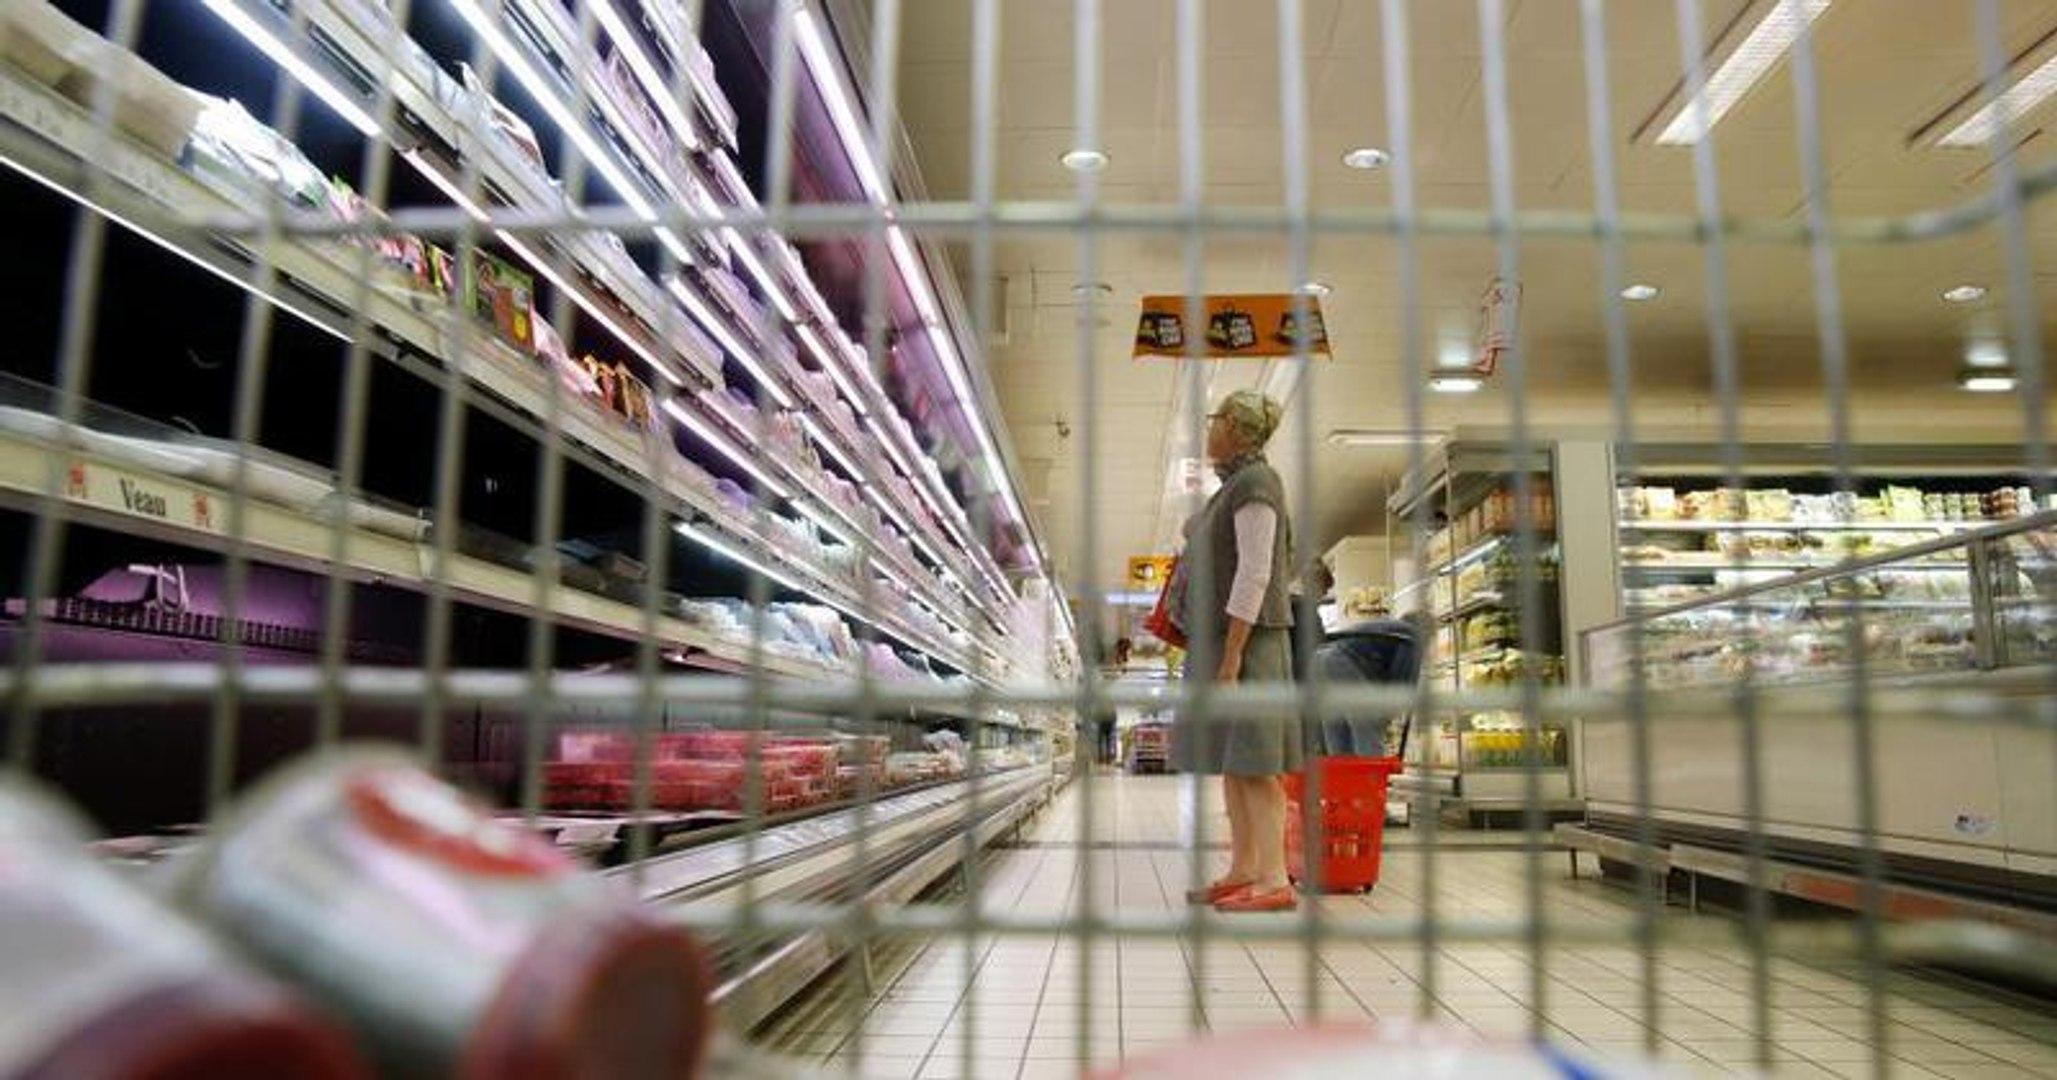 Du porno au supermarché